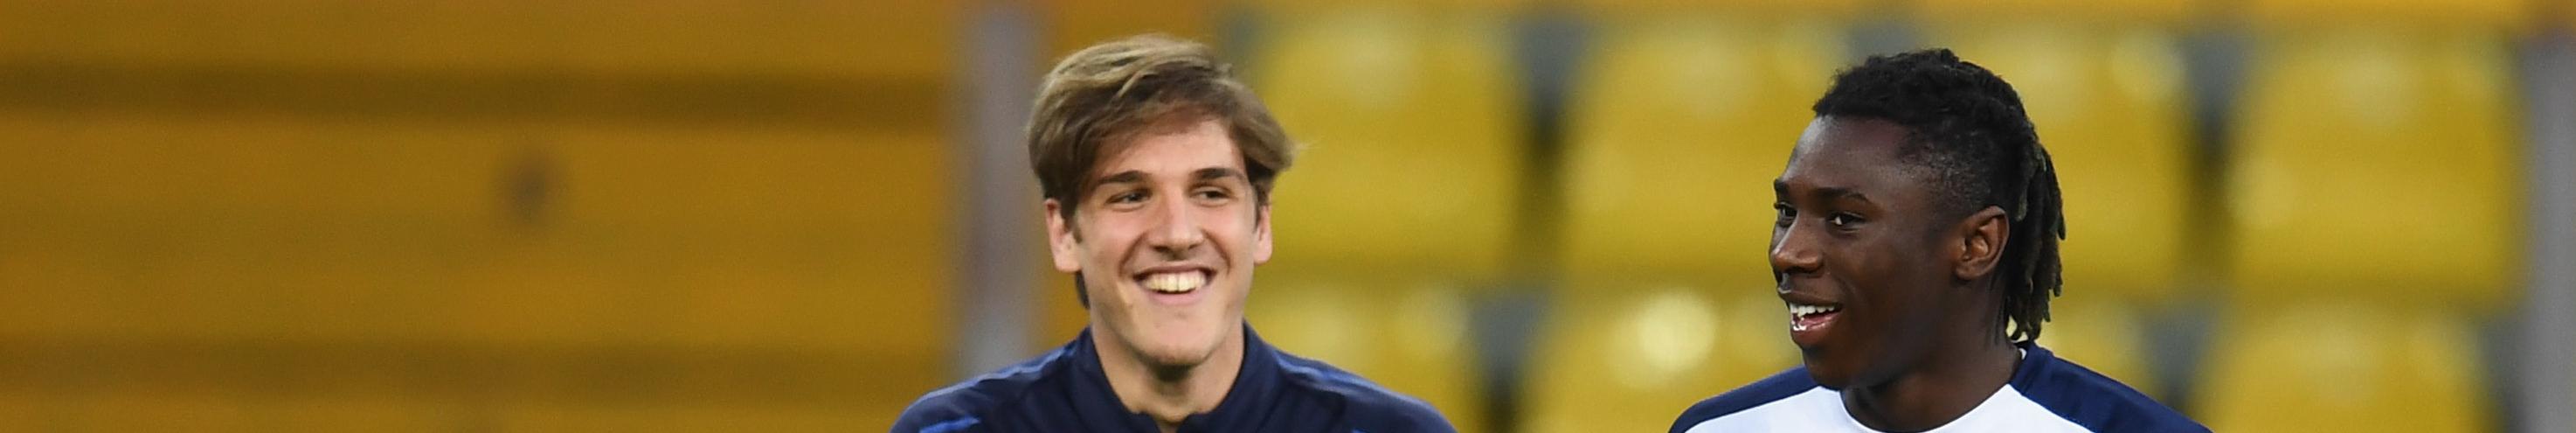 Calcio e giovani, chi ci investe di più? Italia in fondo all'Europa, ma anche in cima...